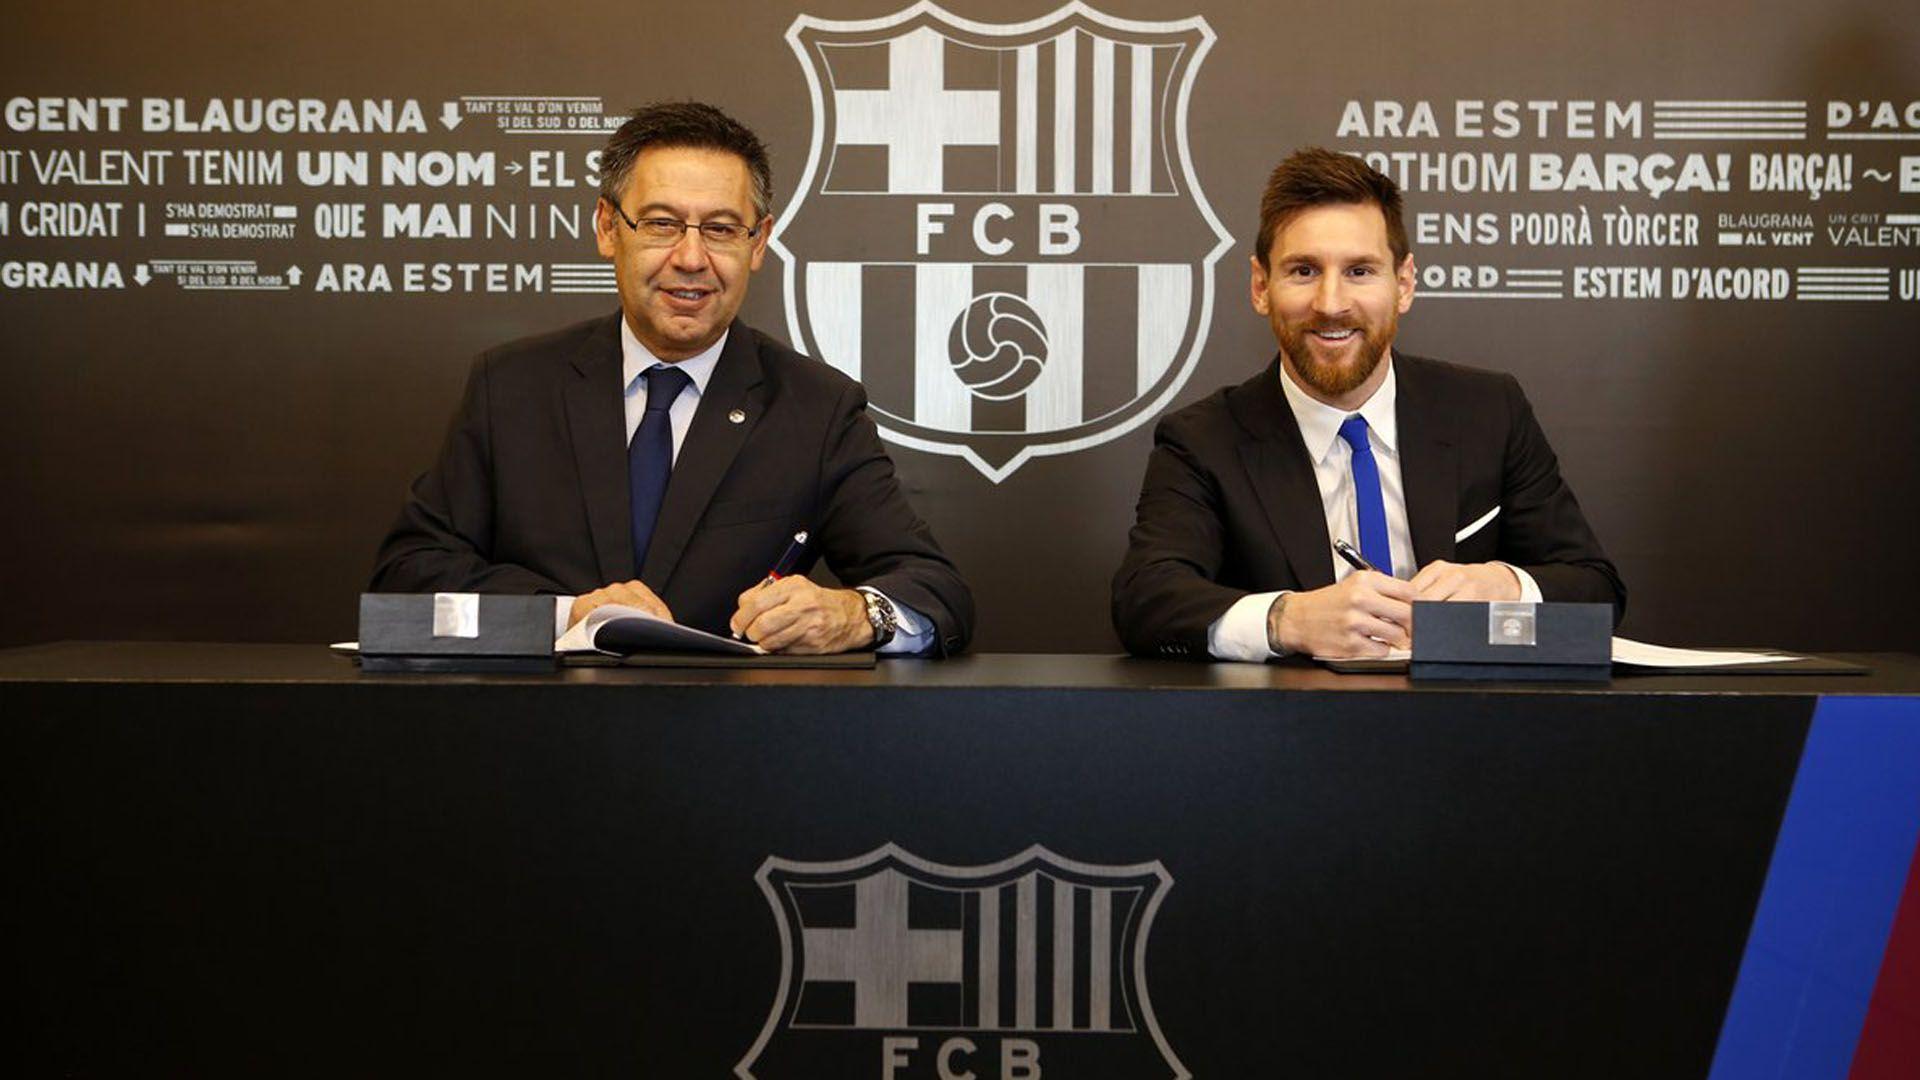 La foto del 2017 cuando Lionel Messi firmó la última renovación de su contrato con Barcelona